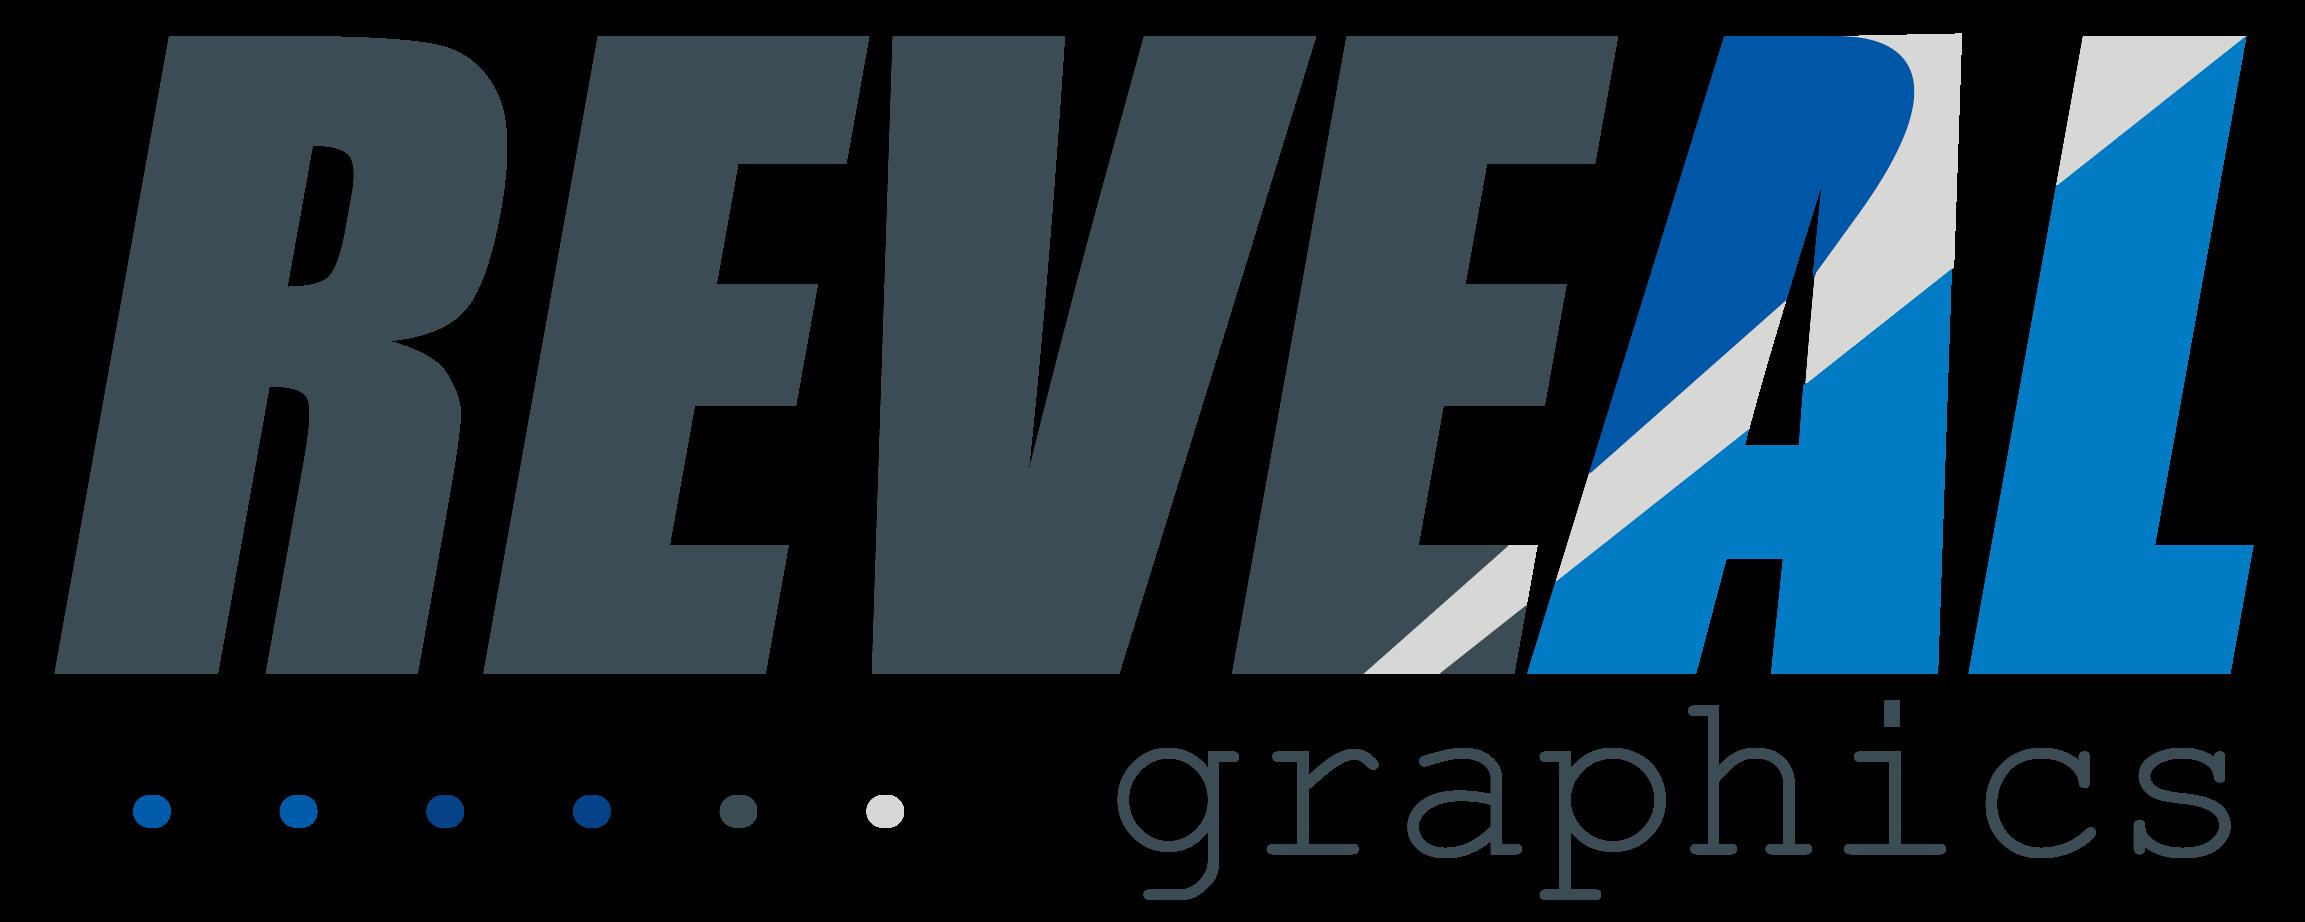 Reveal Graphics